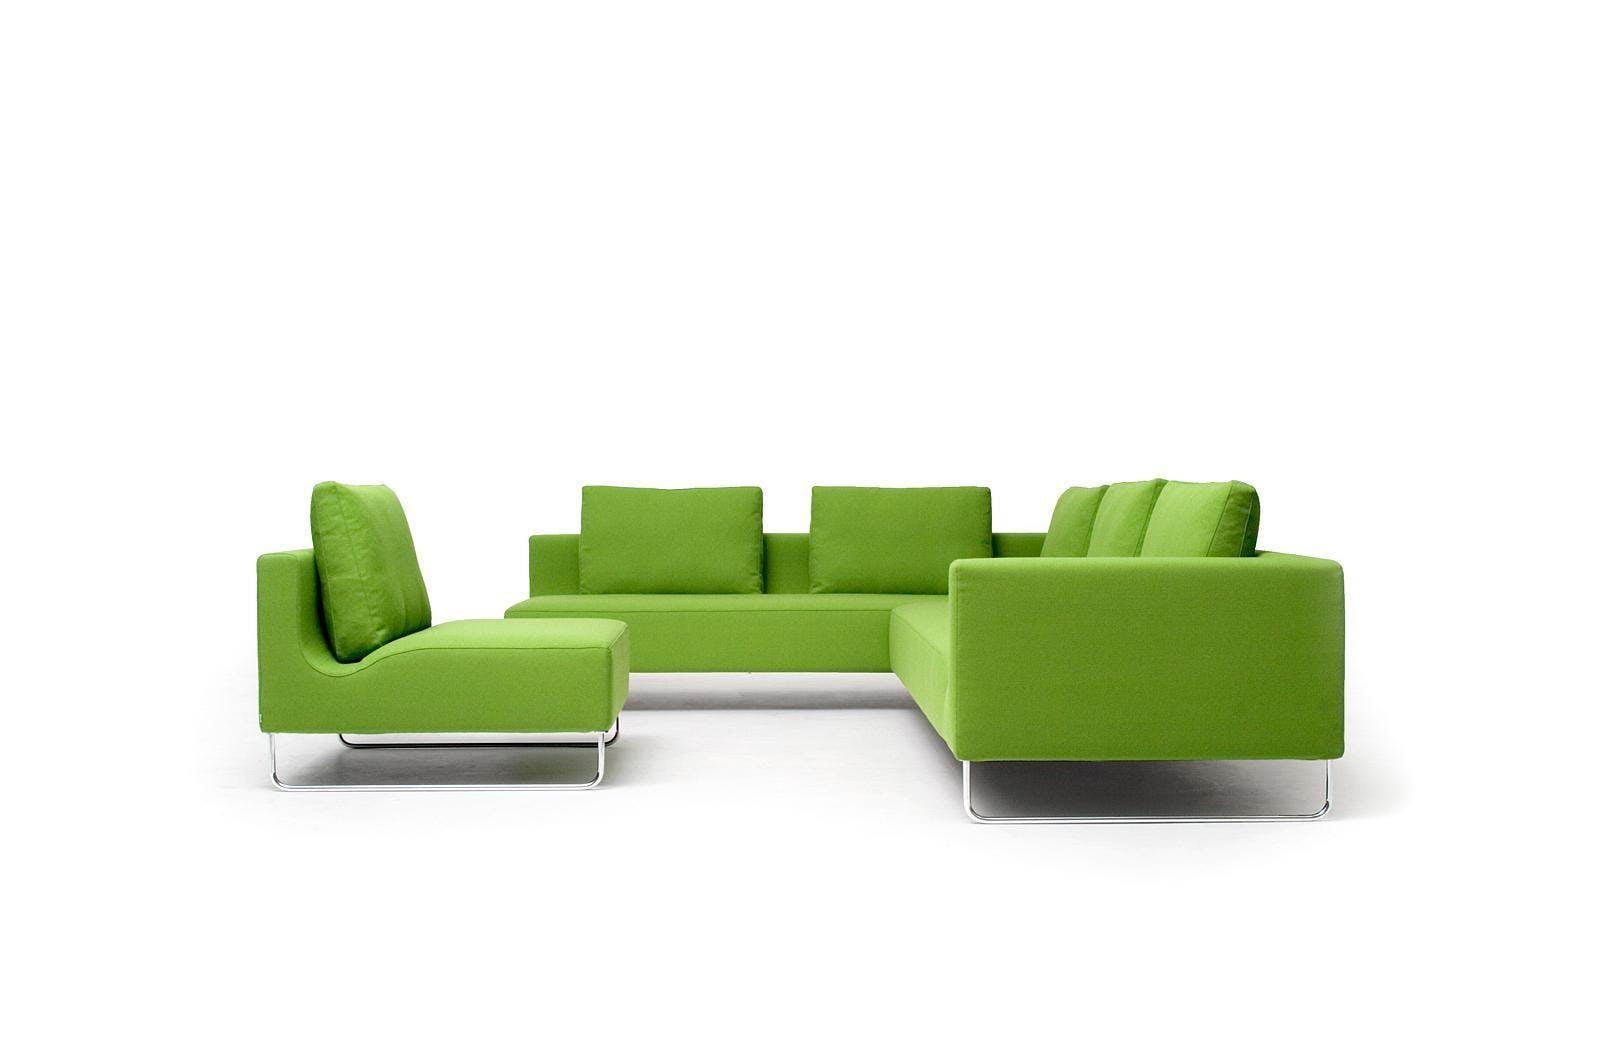 Bensen Green Canyon Sofa